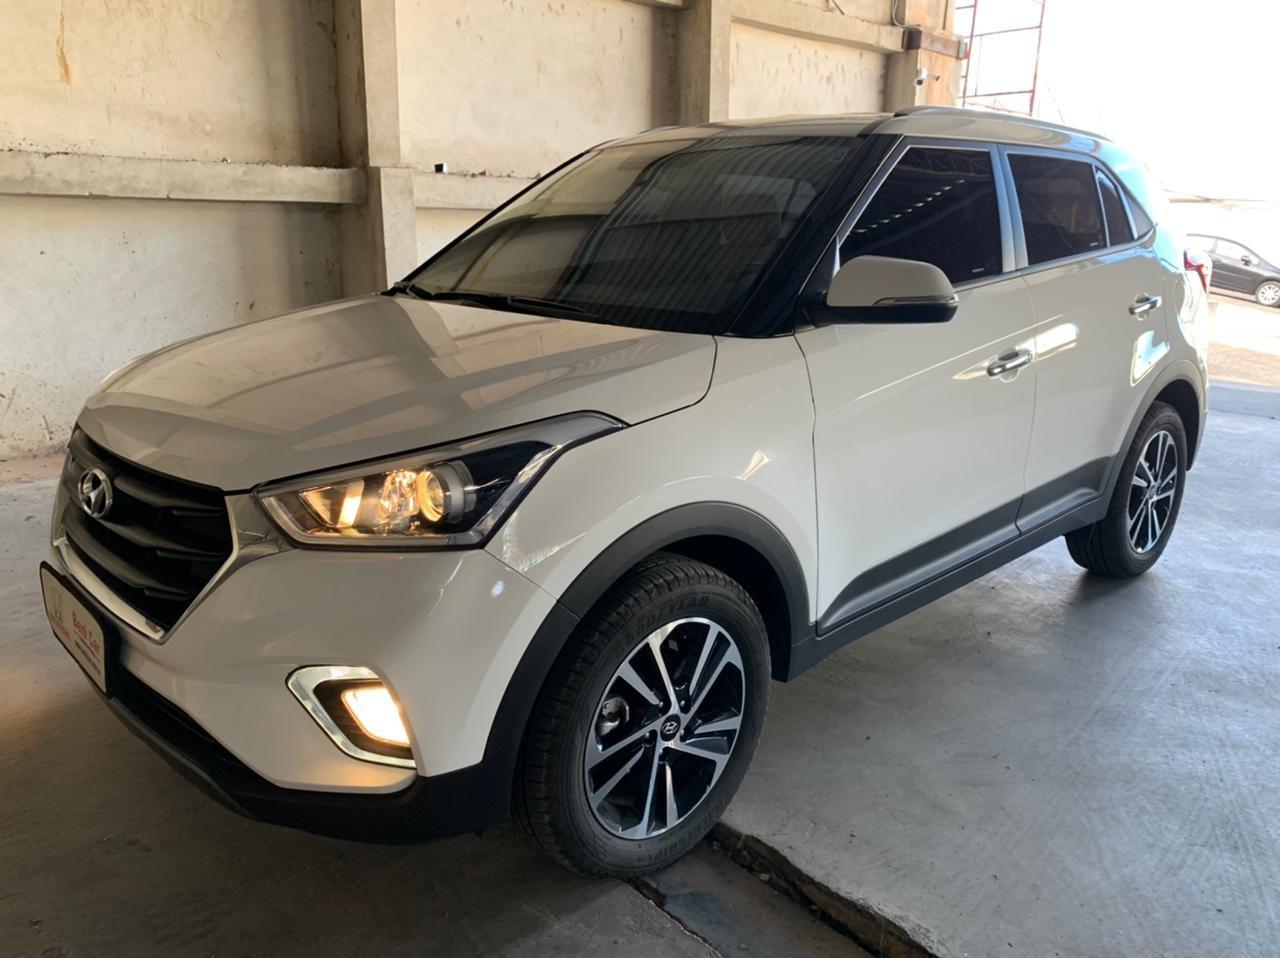 //www.autoline.com.br/carro/hyundai/creta-20-prestige-16v-flex-4p-automatico/2020/campinas-sp/15224999